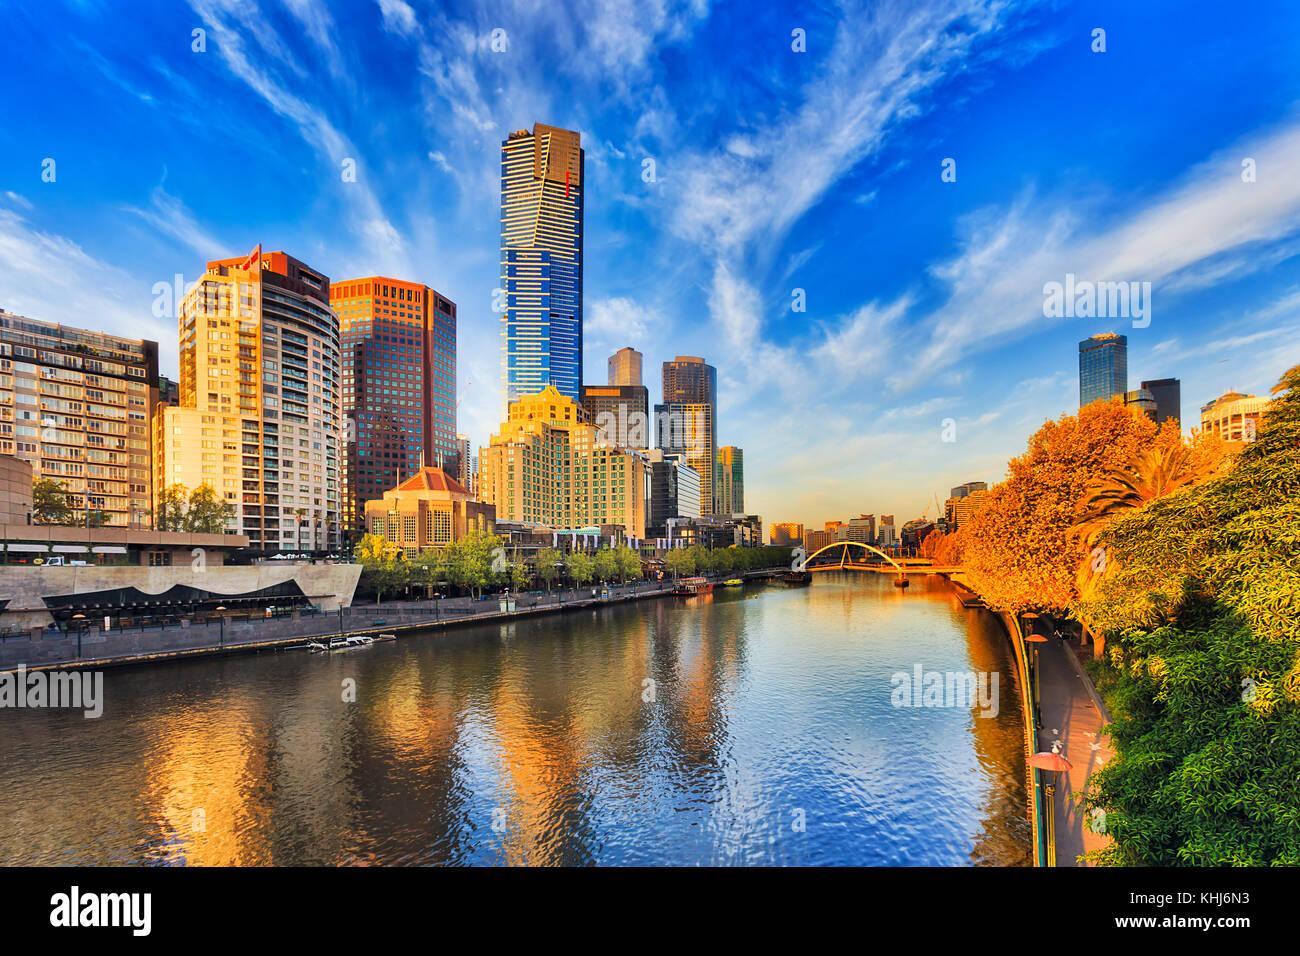 Melbourne más alto rascacielos Torre Eureka domina el paisaje urbano de South Yarra en Yarra River en calentar Imagen De Stock